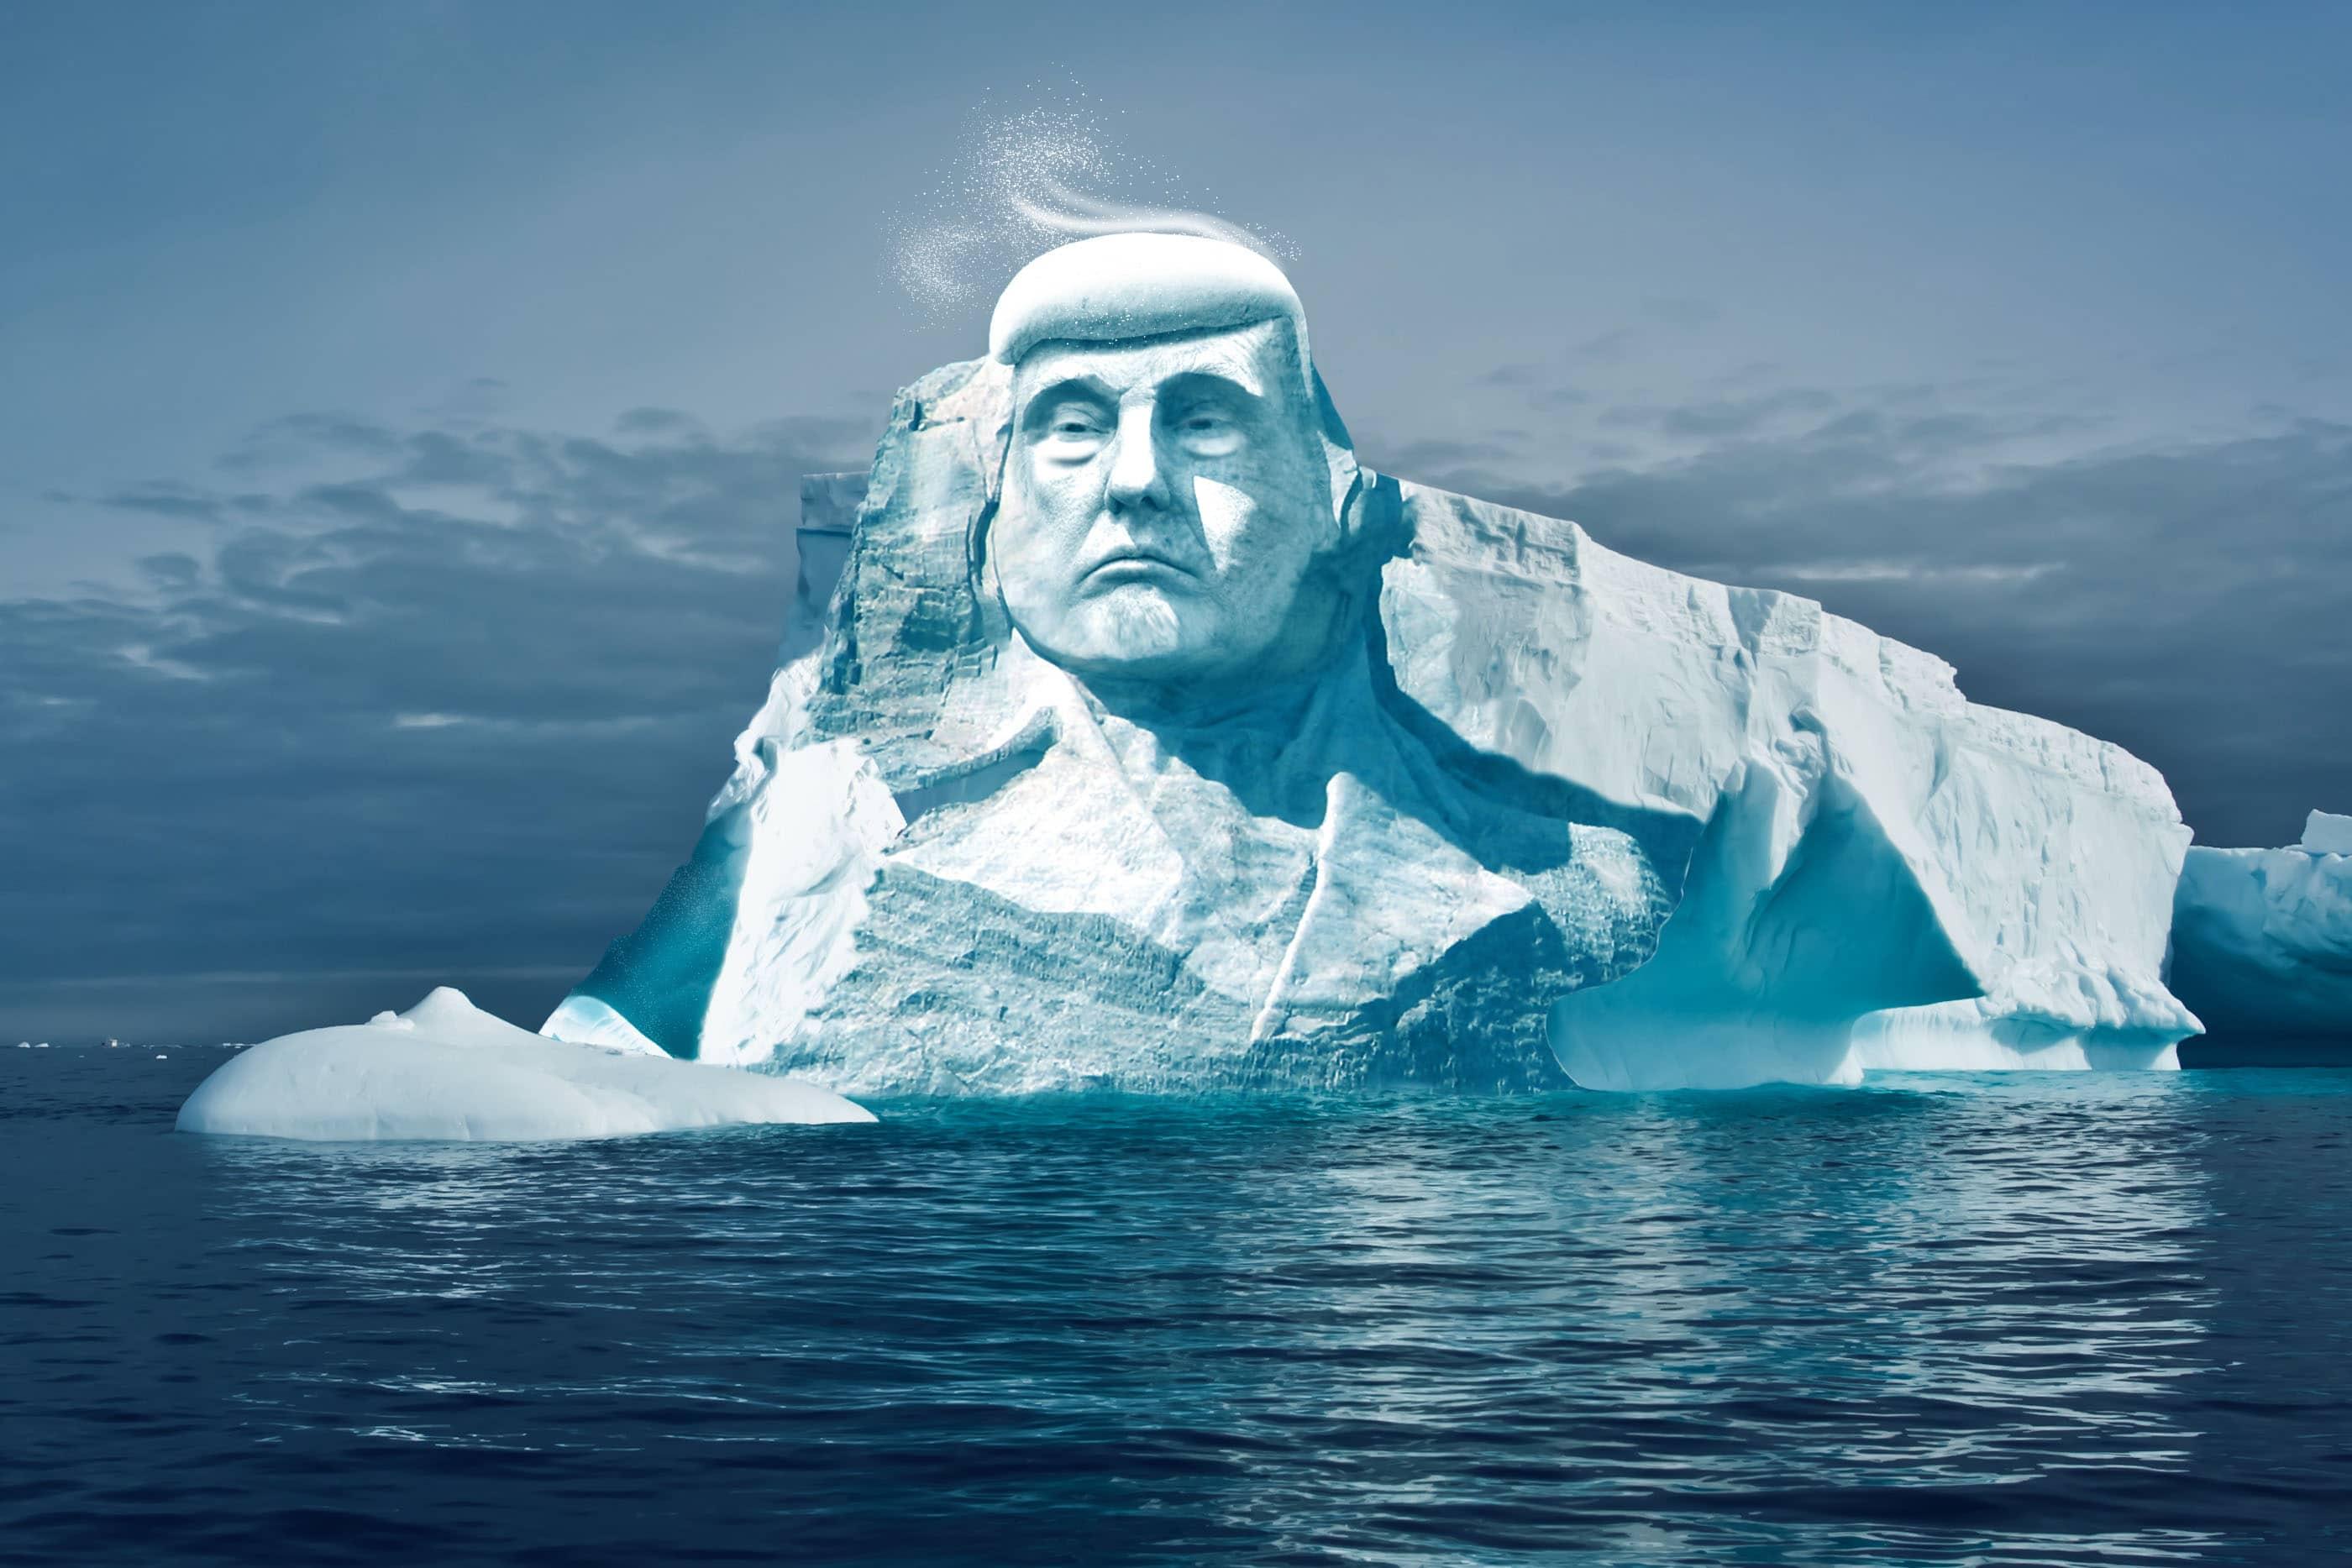 Imagen del proyecto que quiere llevar a cabo Melting Ice / Foto: Project Trumpmore